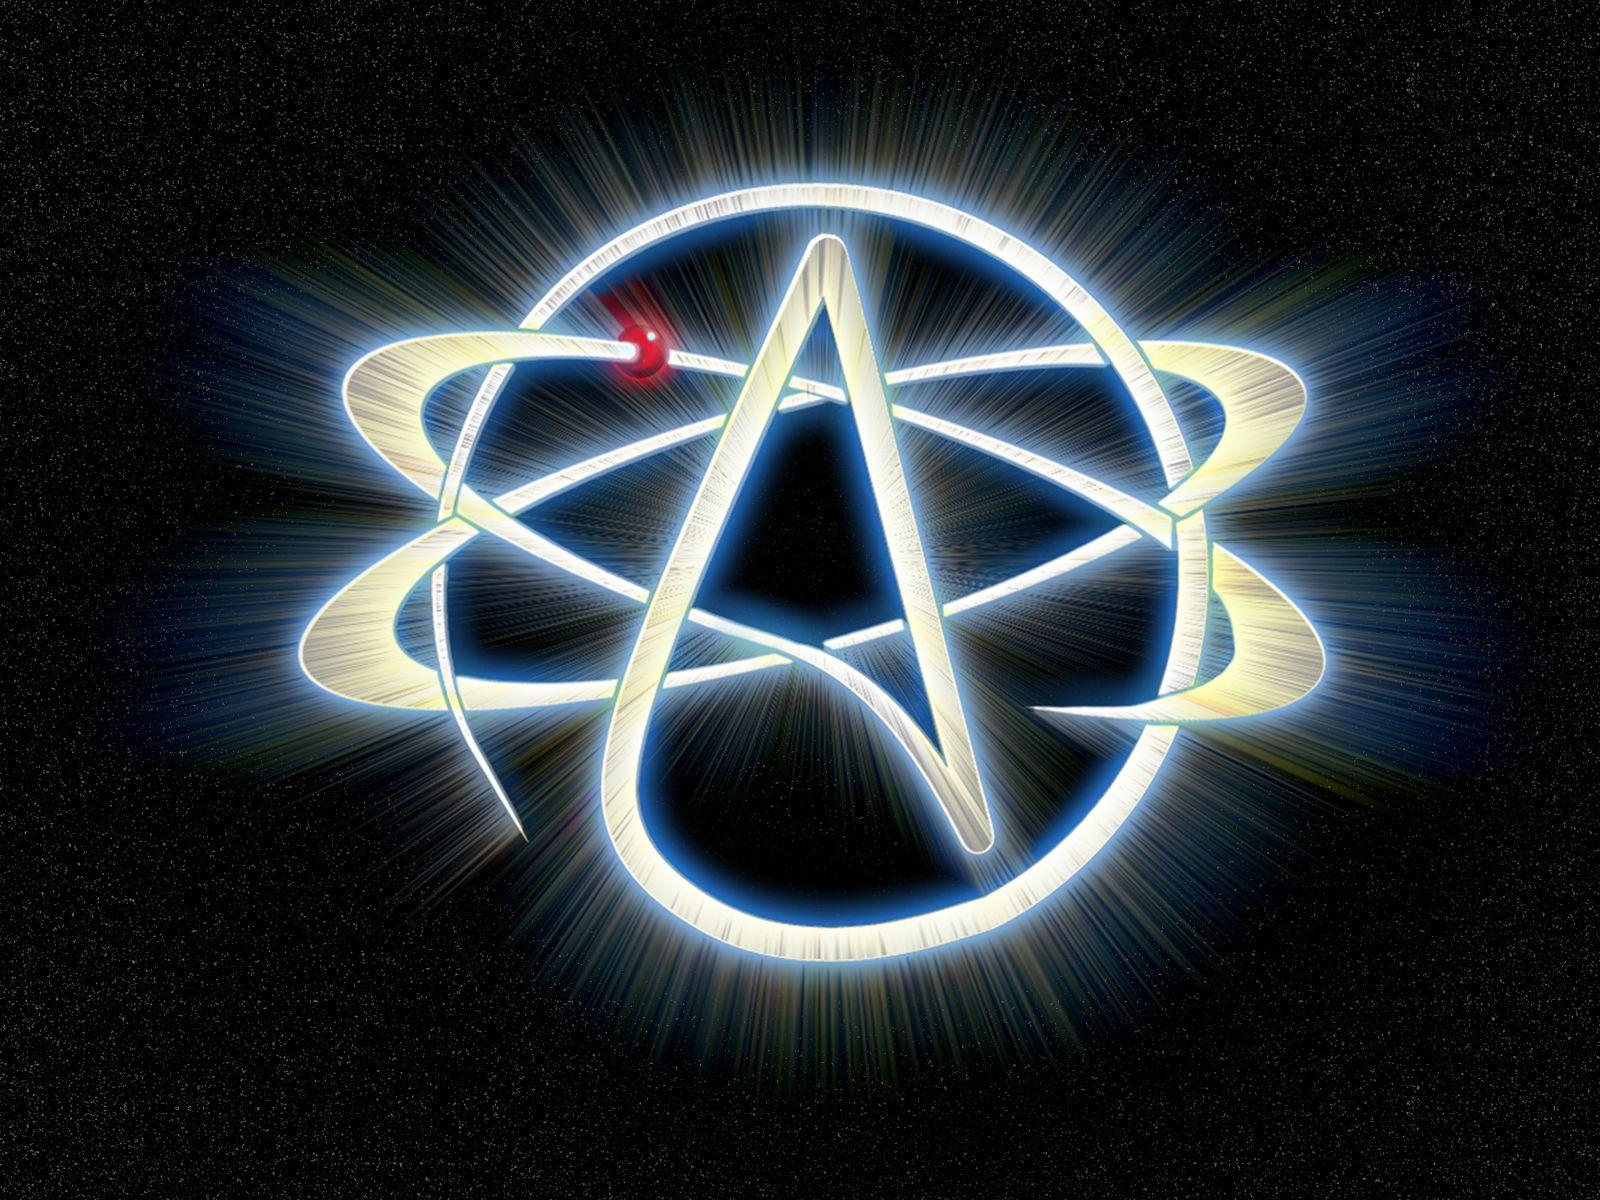 Atheist atheist symbol wallpaper atheist pinterest atheist atheist atheist symbol wallpaper voltagebd Choice Image